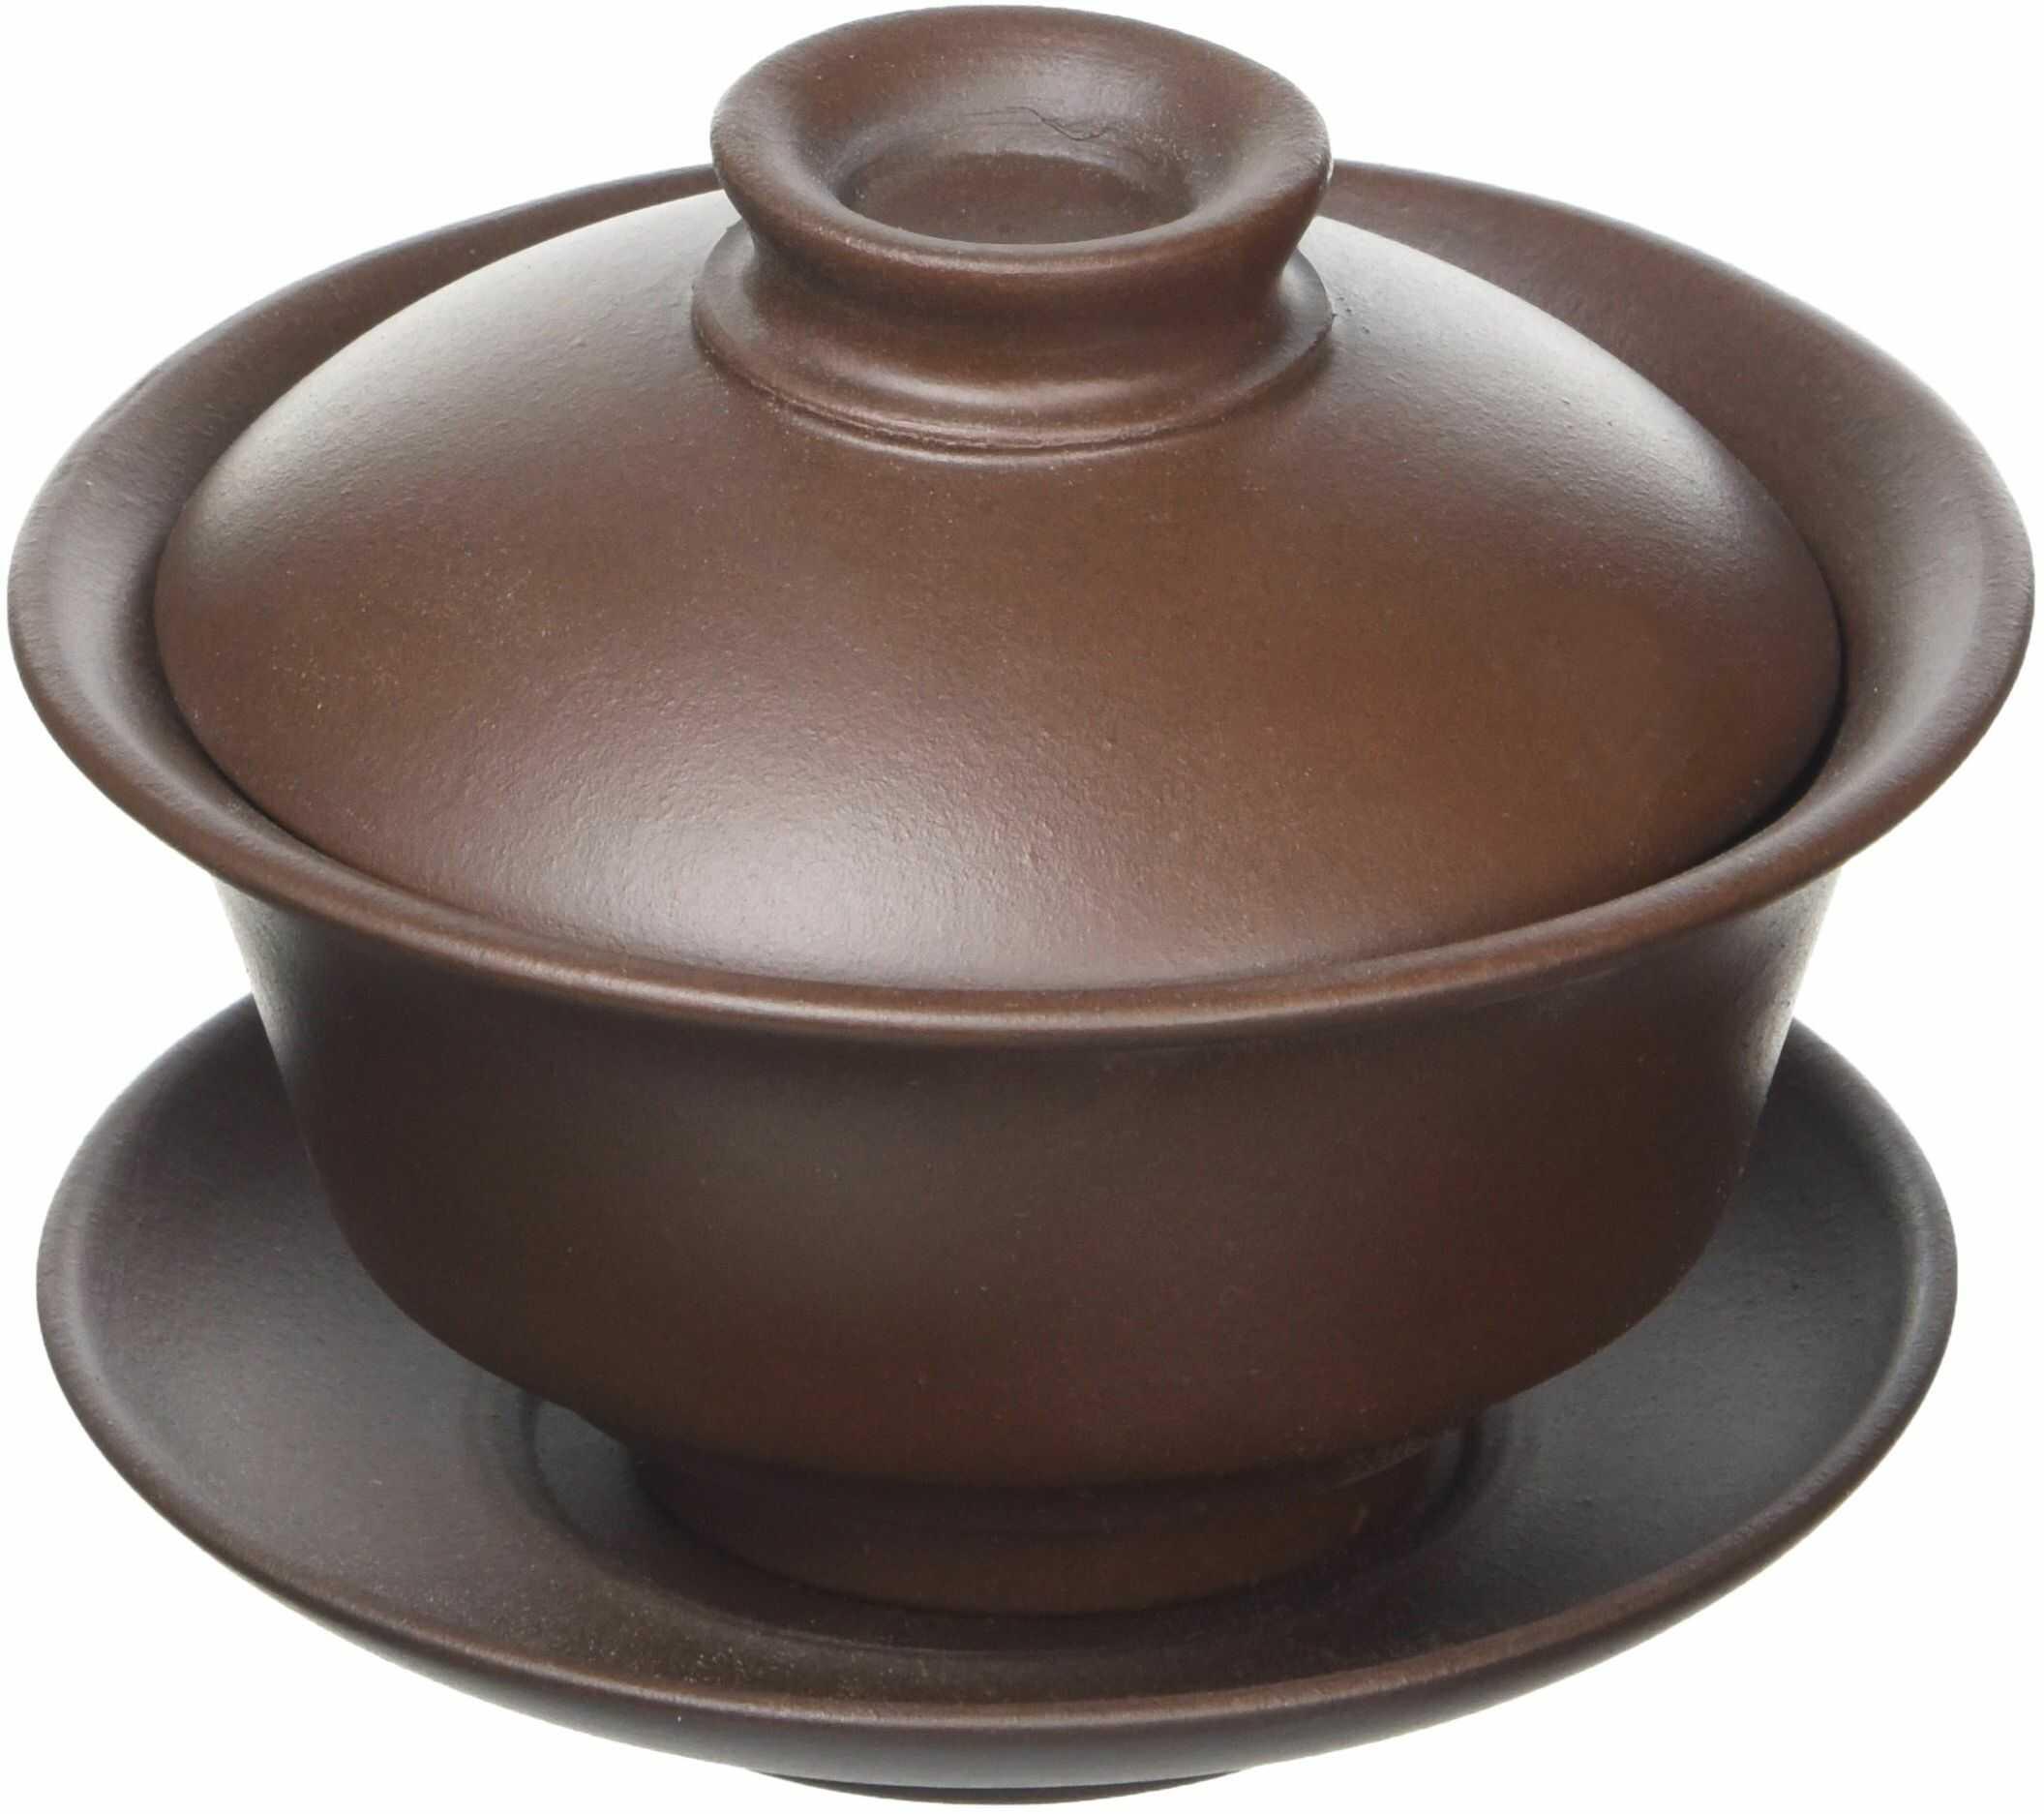 Tea Soul Zisha 110 ml, typowo chiński gawawan z określonej czerwonej gliny Yixing, ceramika, brązowa, 10 x 10 x 8 cm